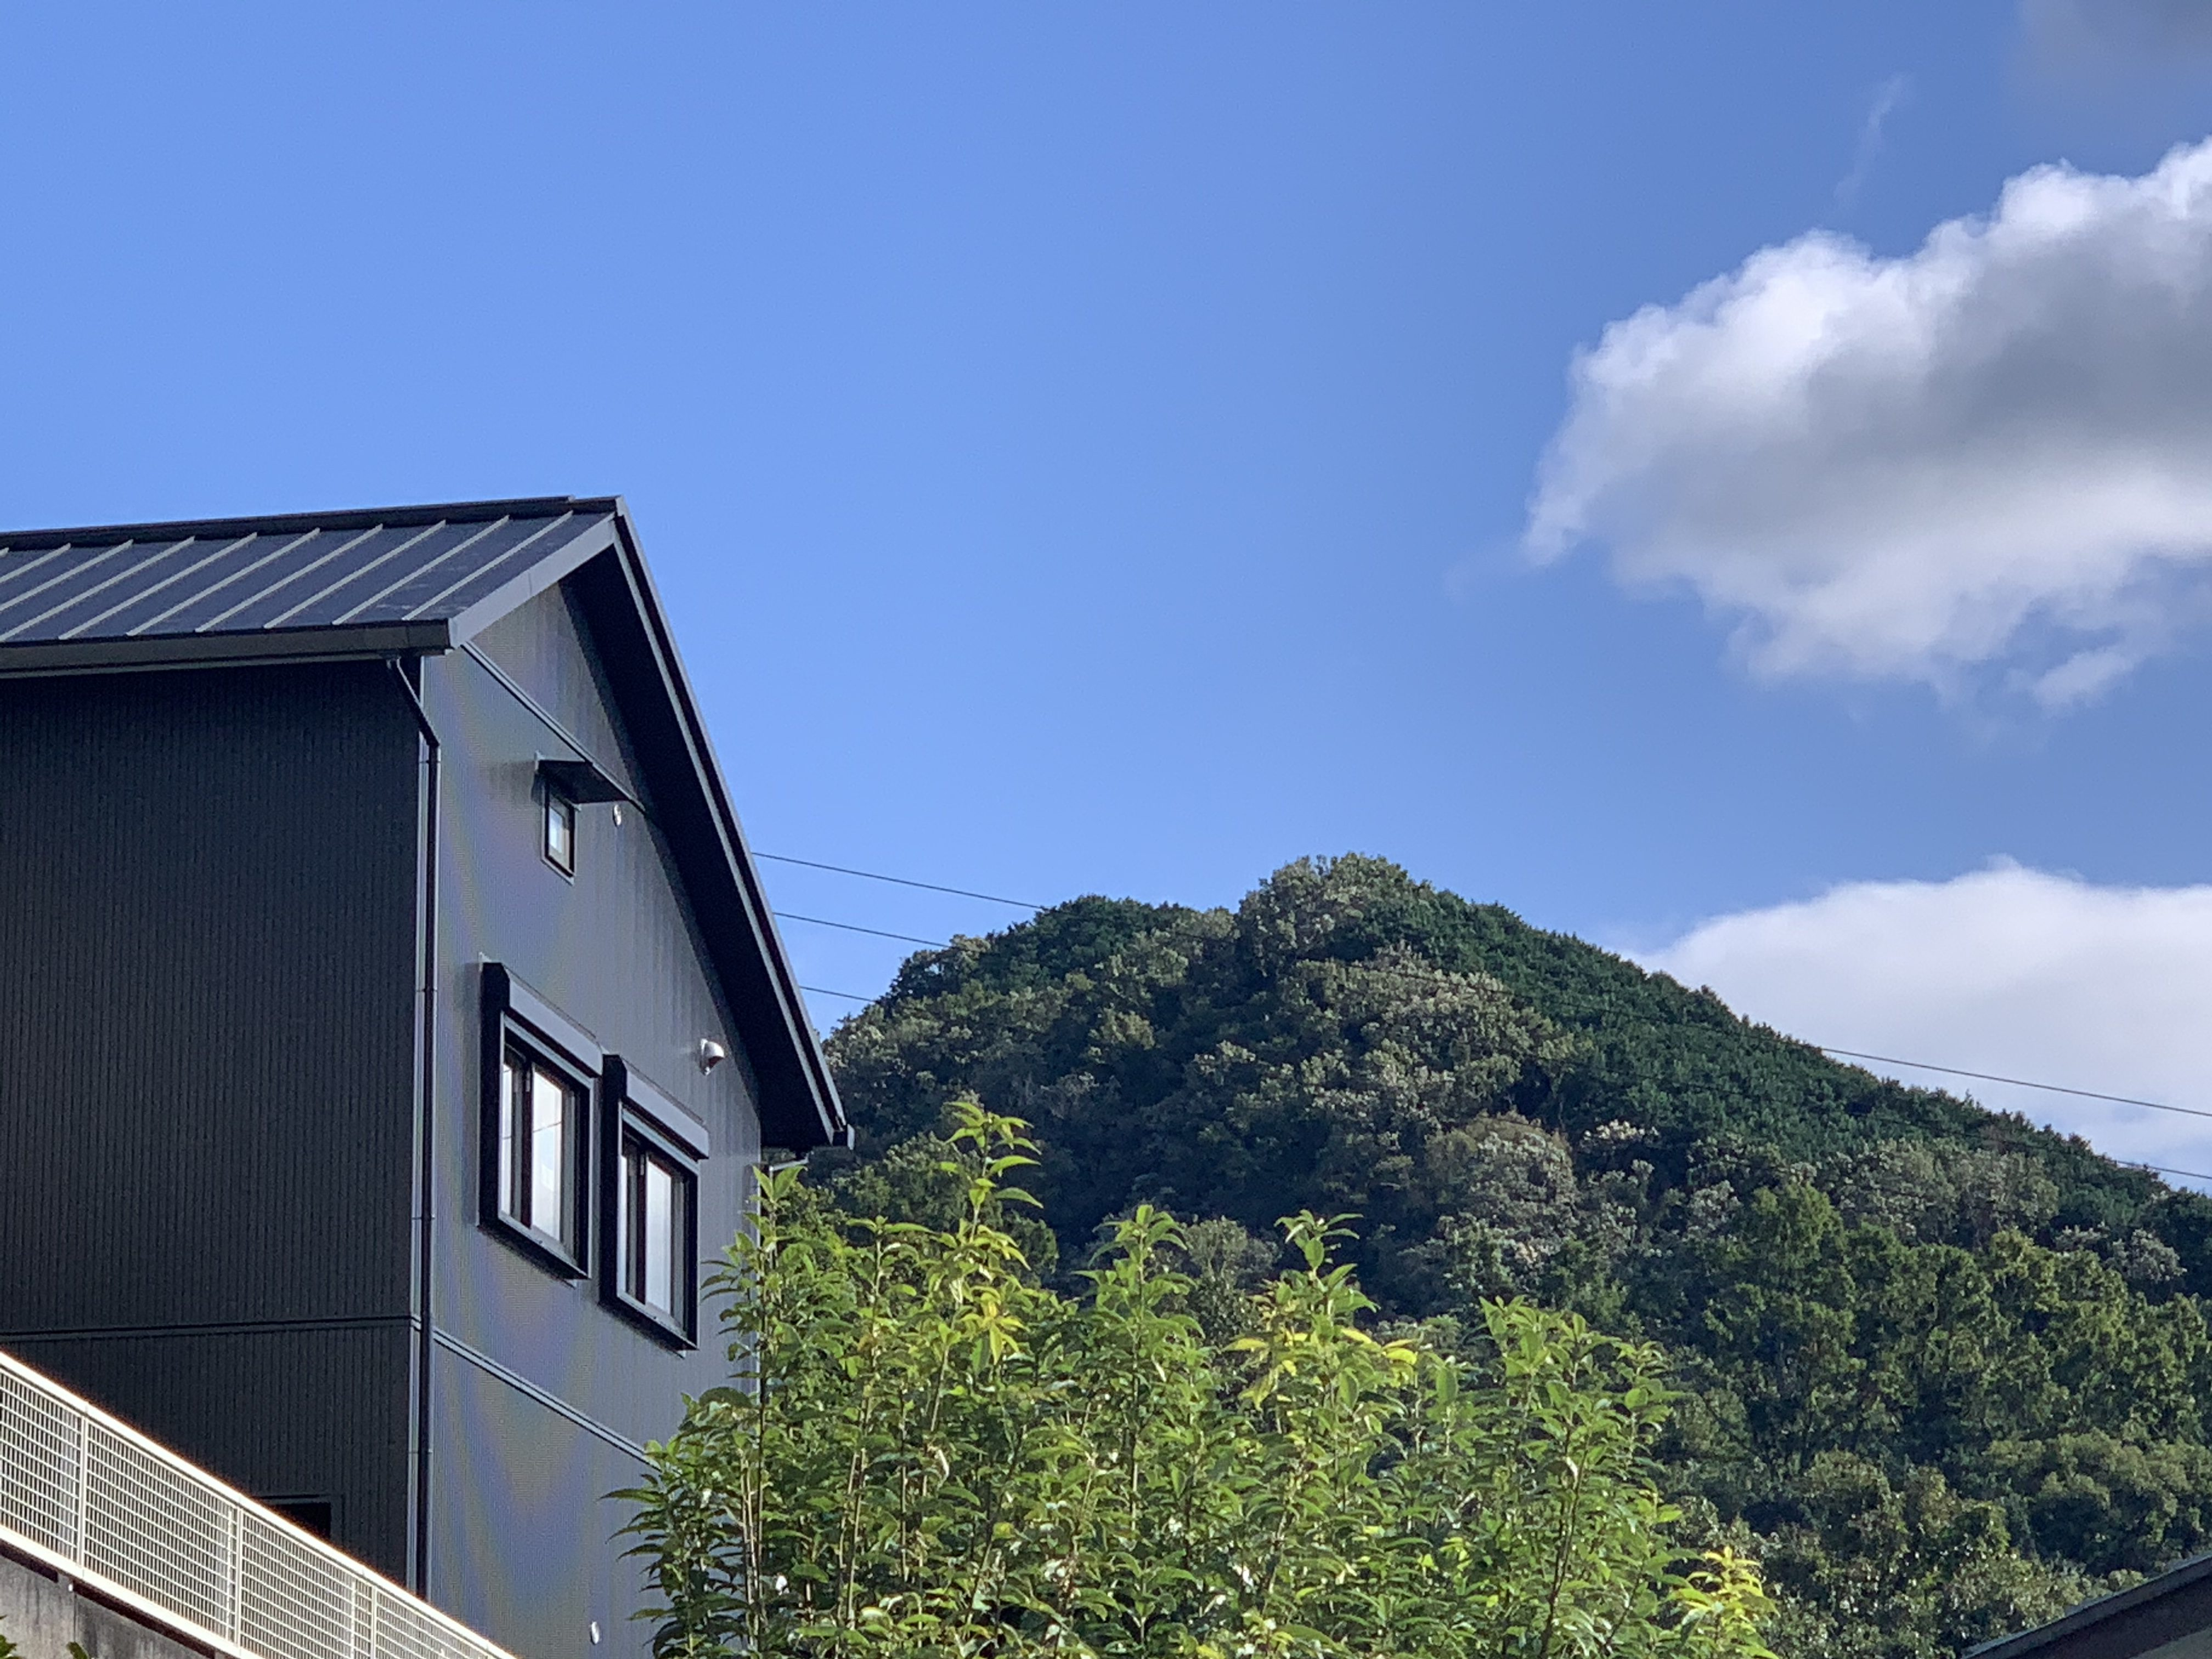 東大阪市Q1住宅20191022-1の写真